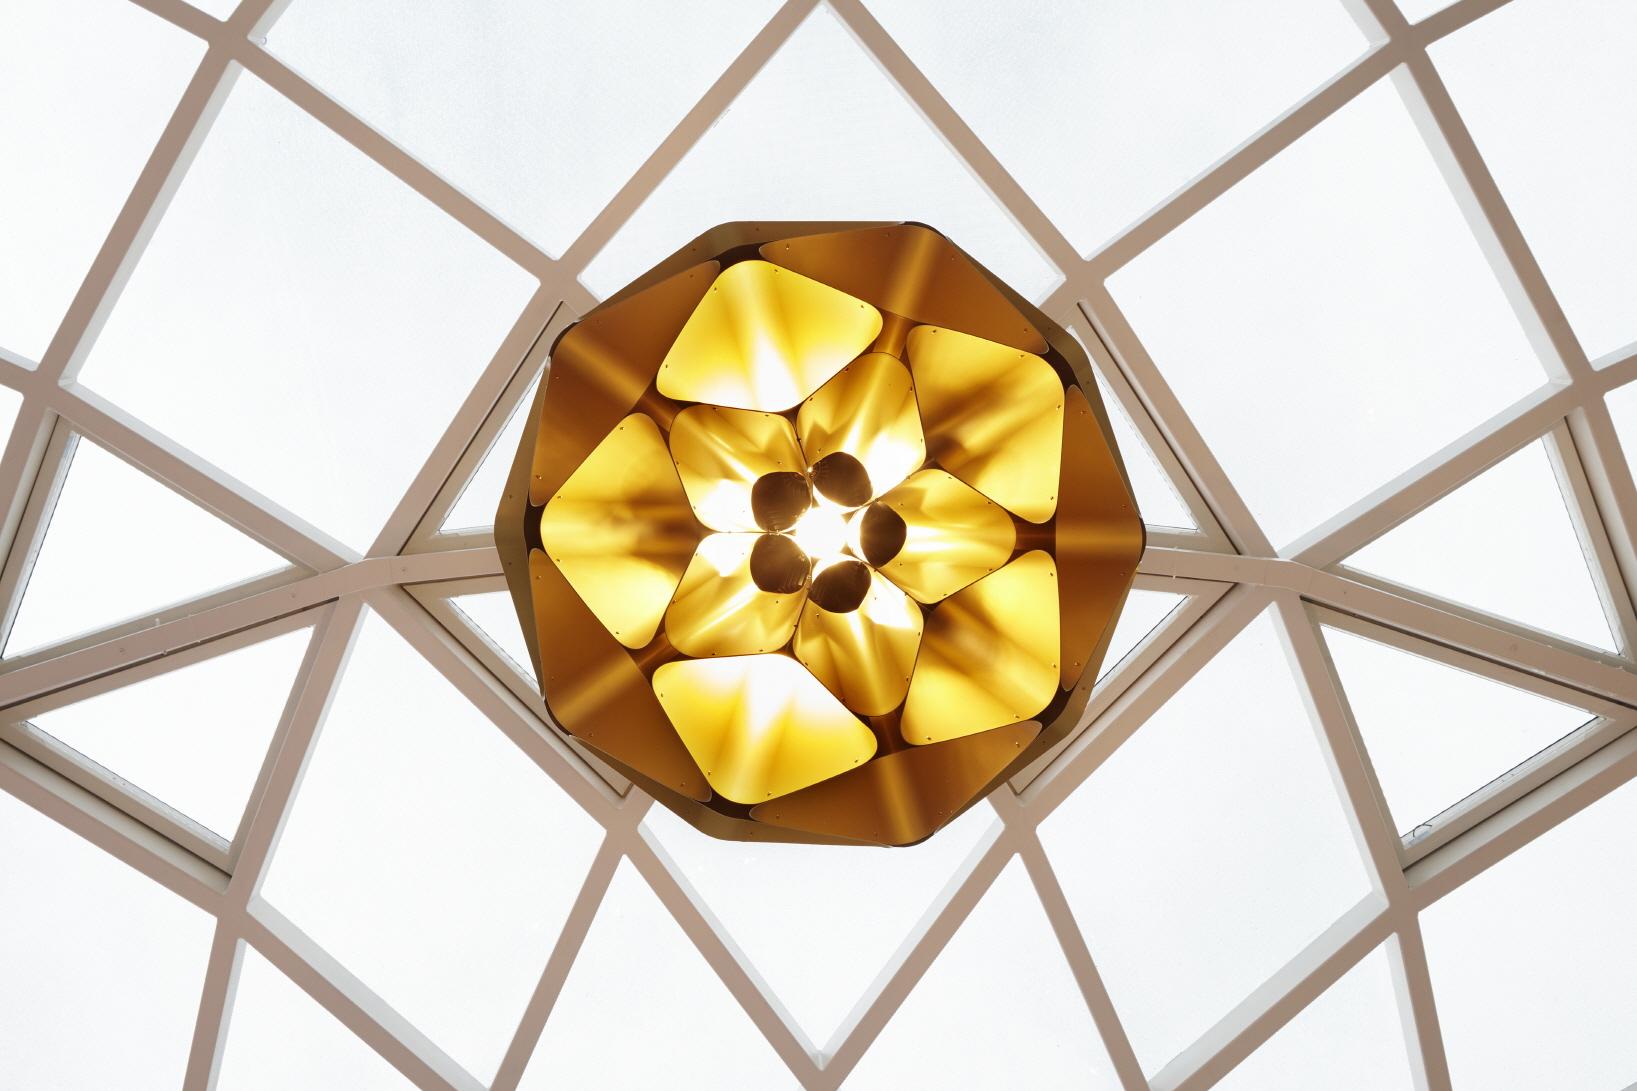 〔안정원의 건축 칼럼〕 지역의 맥락성을 고려한 입체적인 파사드와 다이어그리드 패턴 공간 4